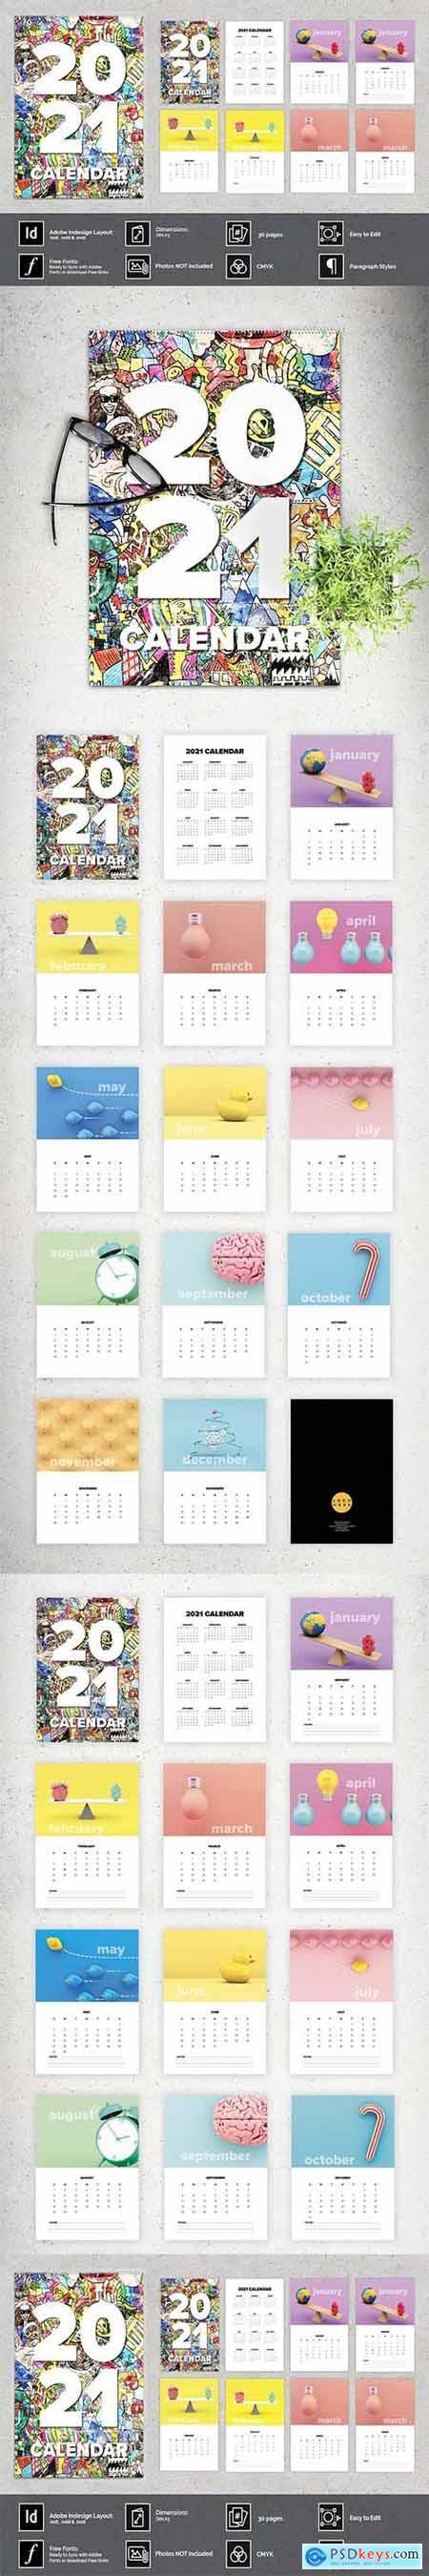 2021 Wall Calendar A3 5220252